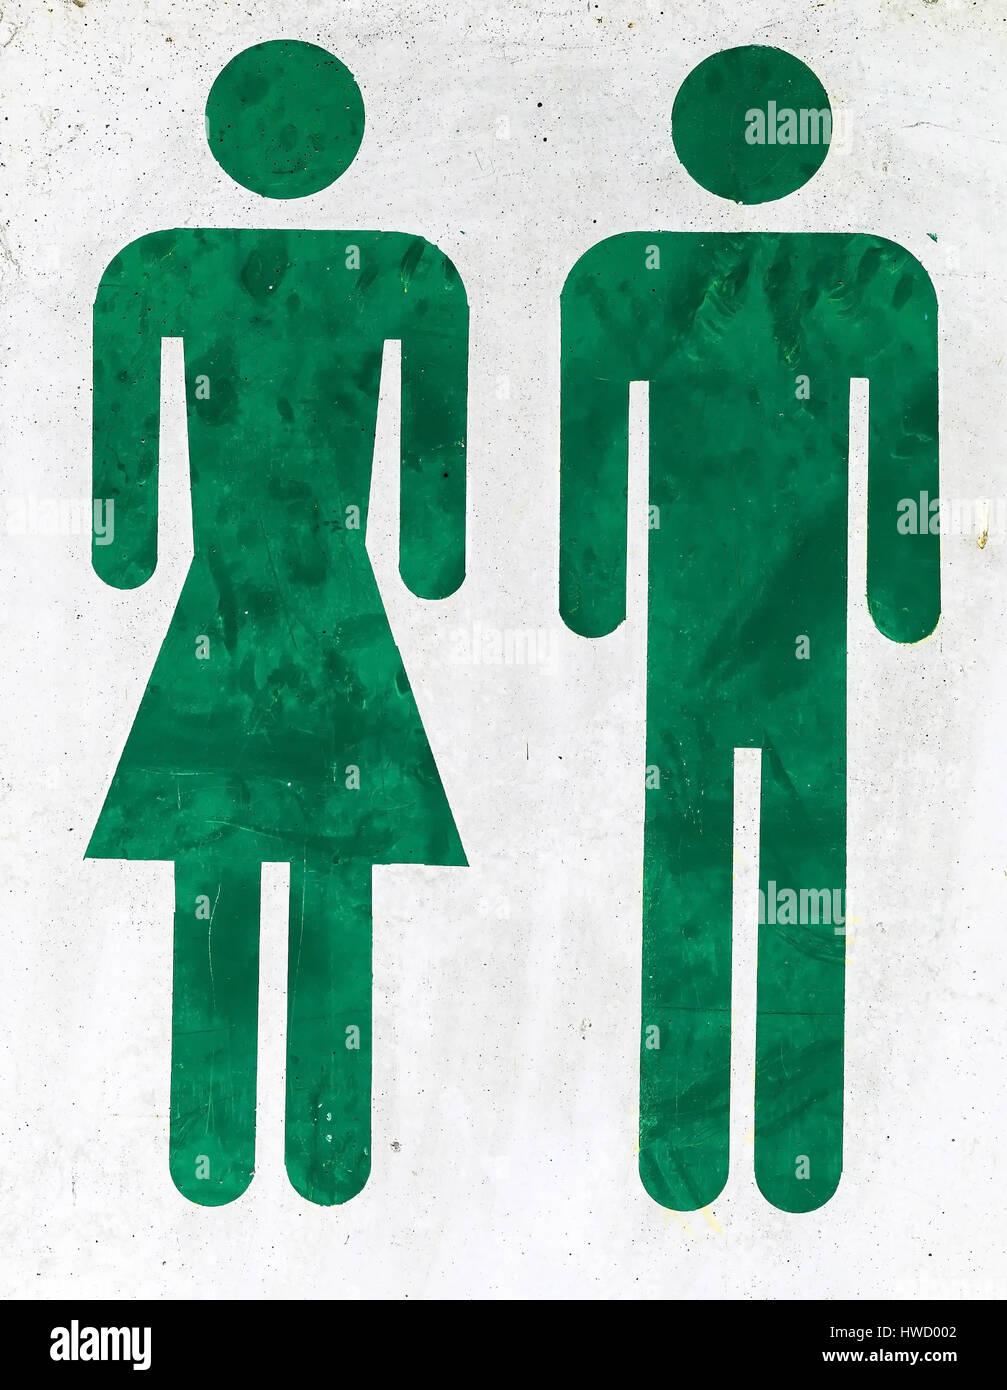 Zeichnung von Mann und Frau mit dem Eingang eines WC., Zeichnung von Mann Und Frau Beim Eingang Einer Toilette. Stockbild